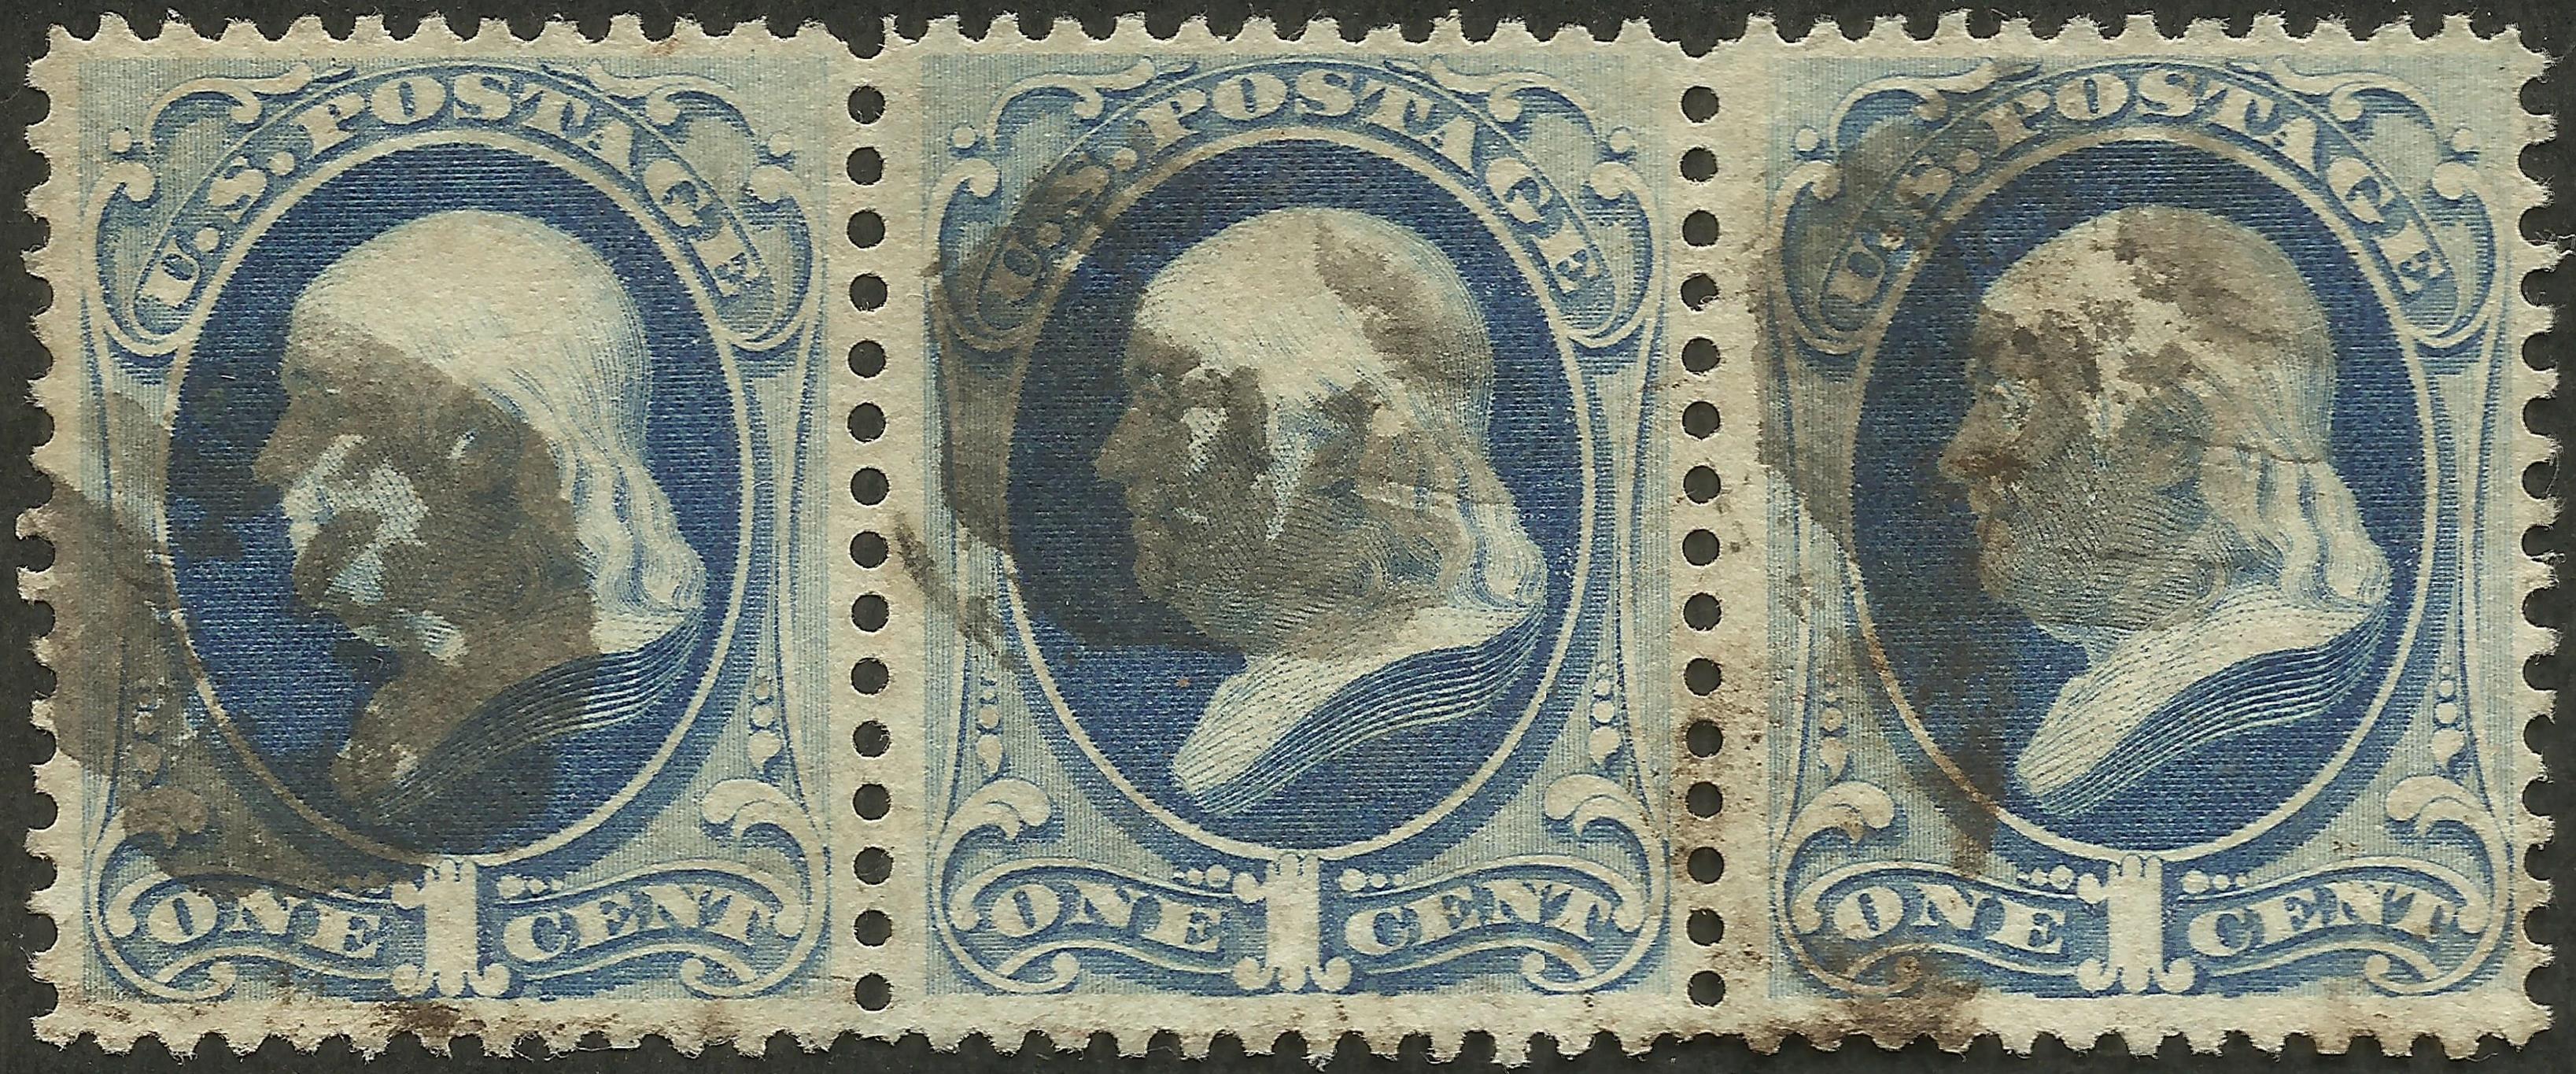 United States - Scott #182 (1879)